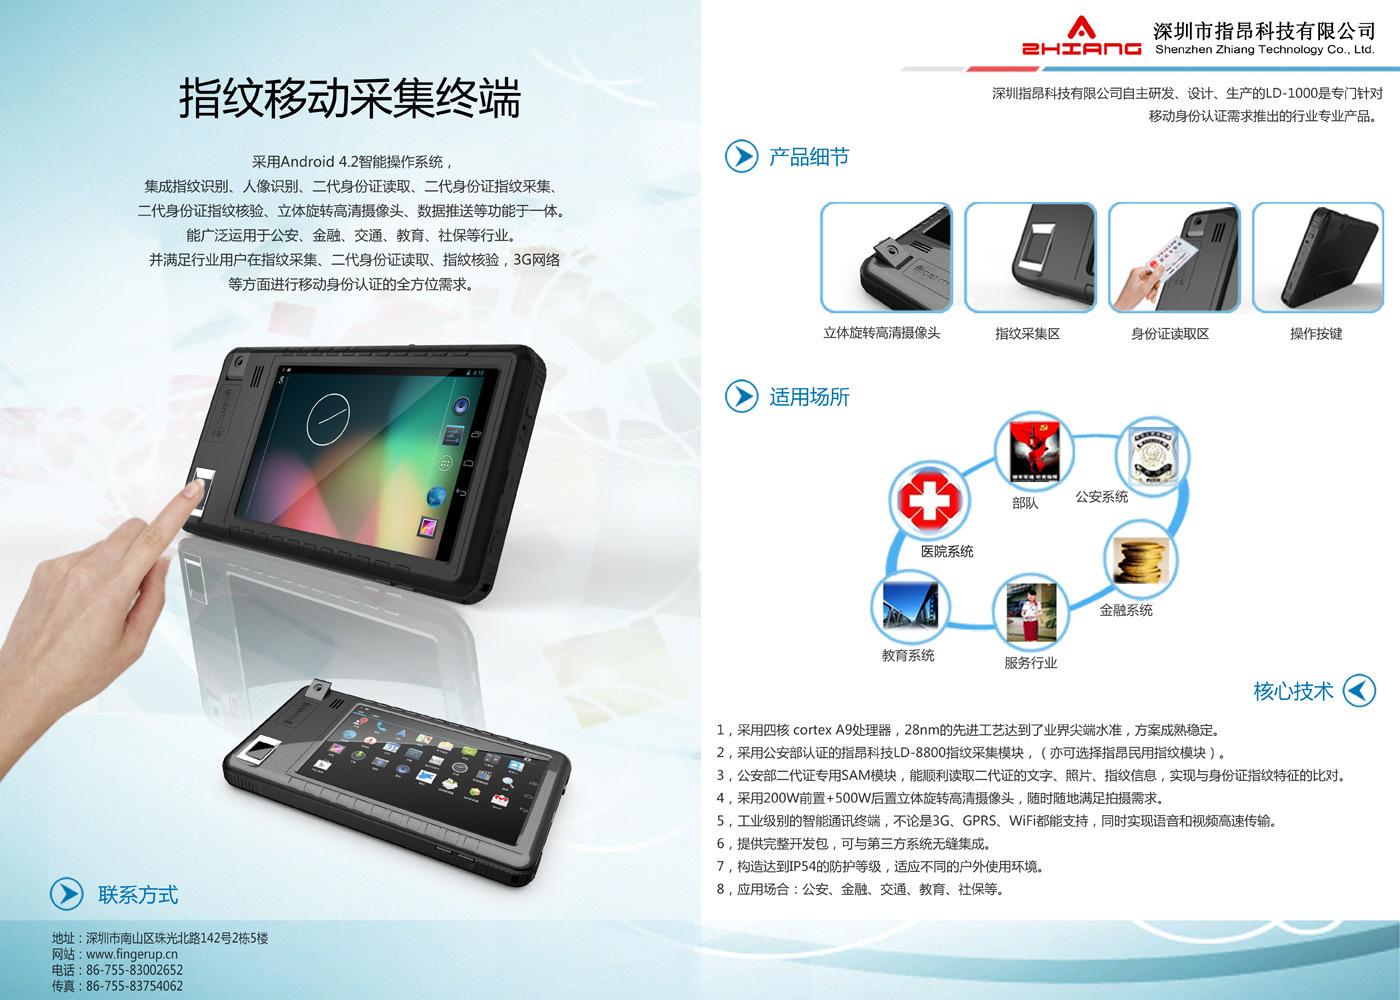 便携式挪动指纹辨认终端设施 芯片式 警用指纹采集仪